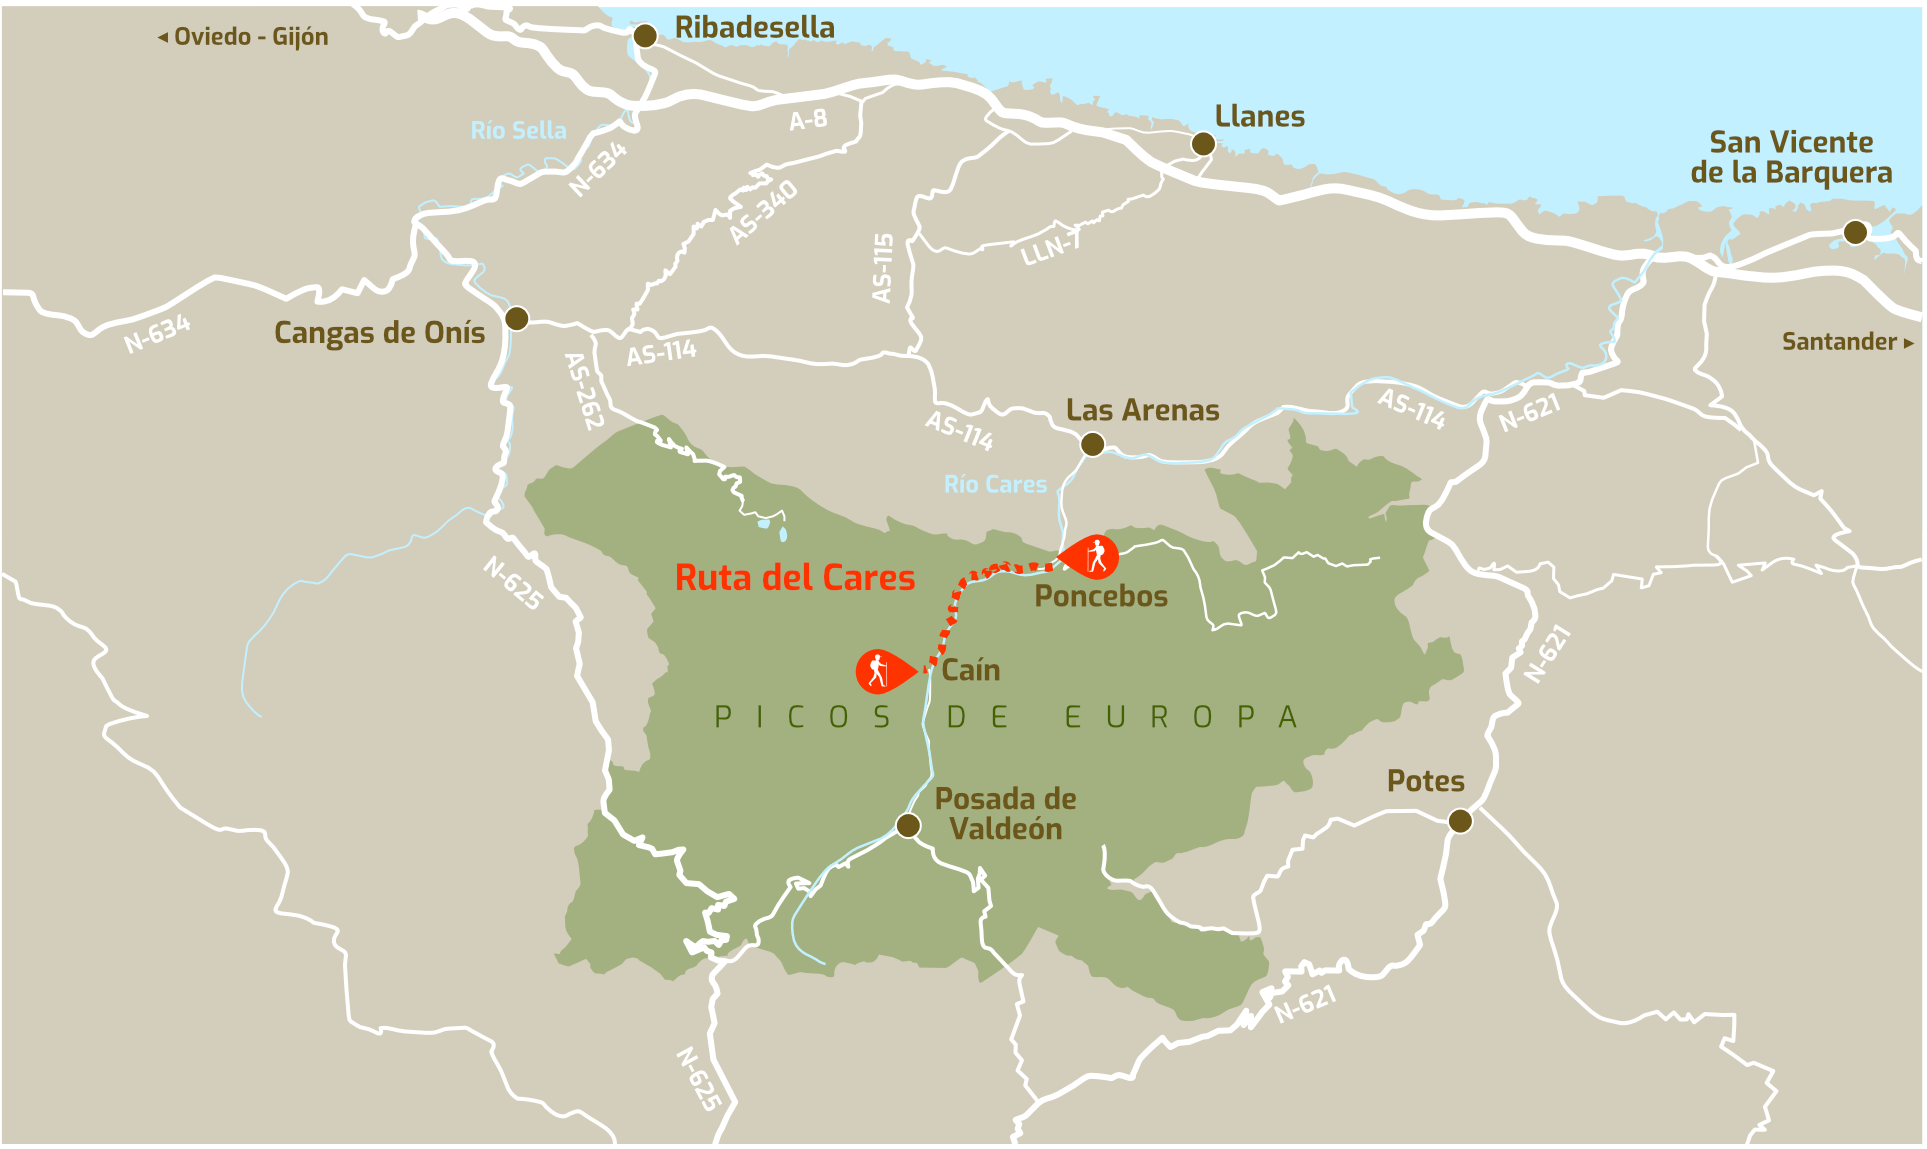 Mapa de la ubicación de la Ruta del Cares entre Poncebos (Asturias) y Cain (León)